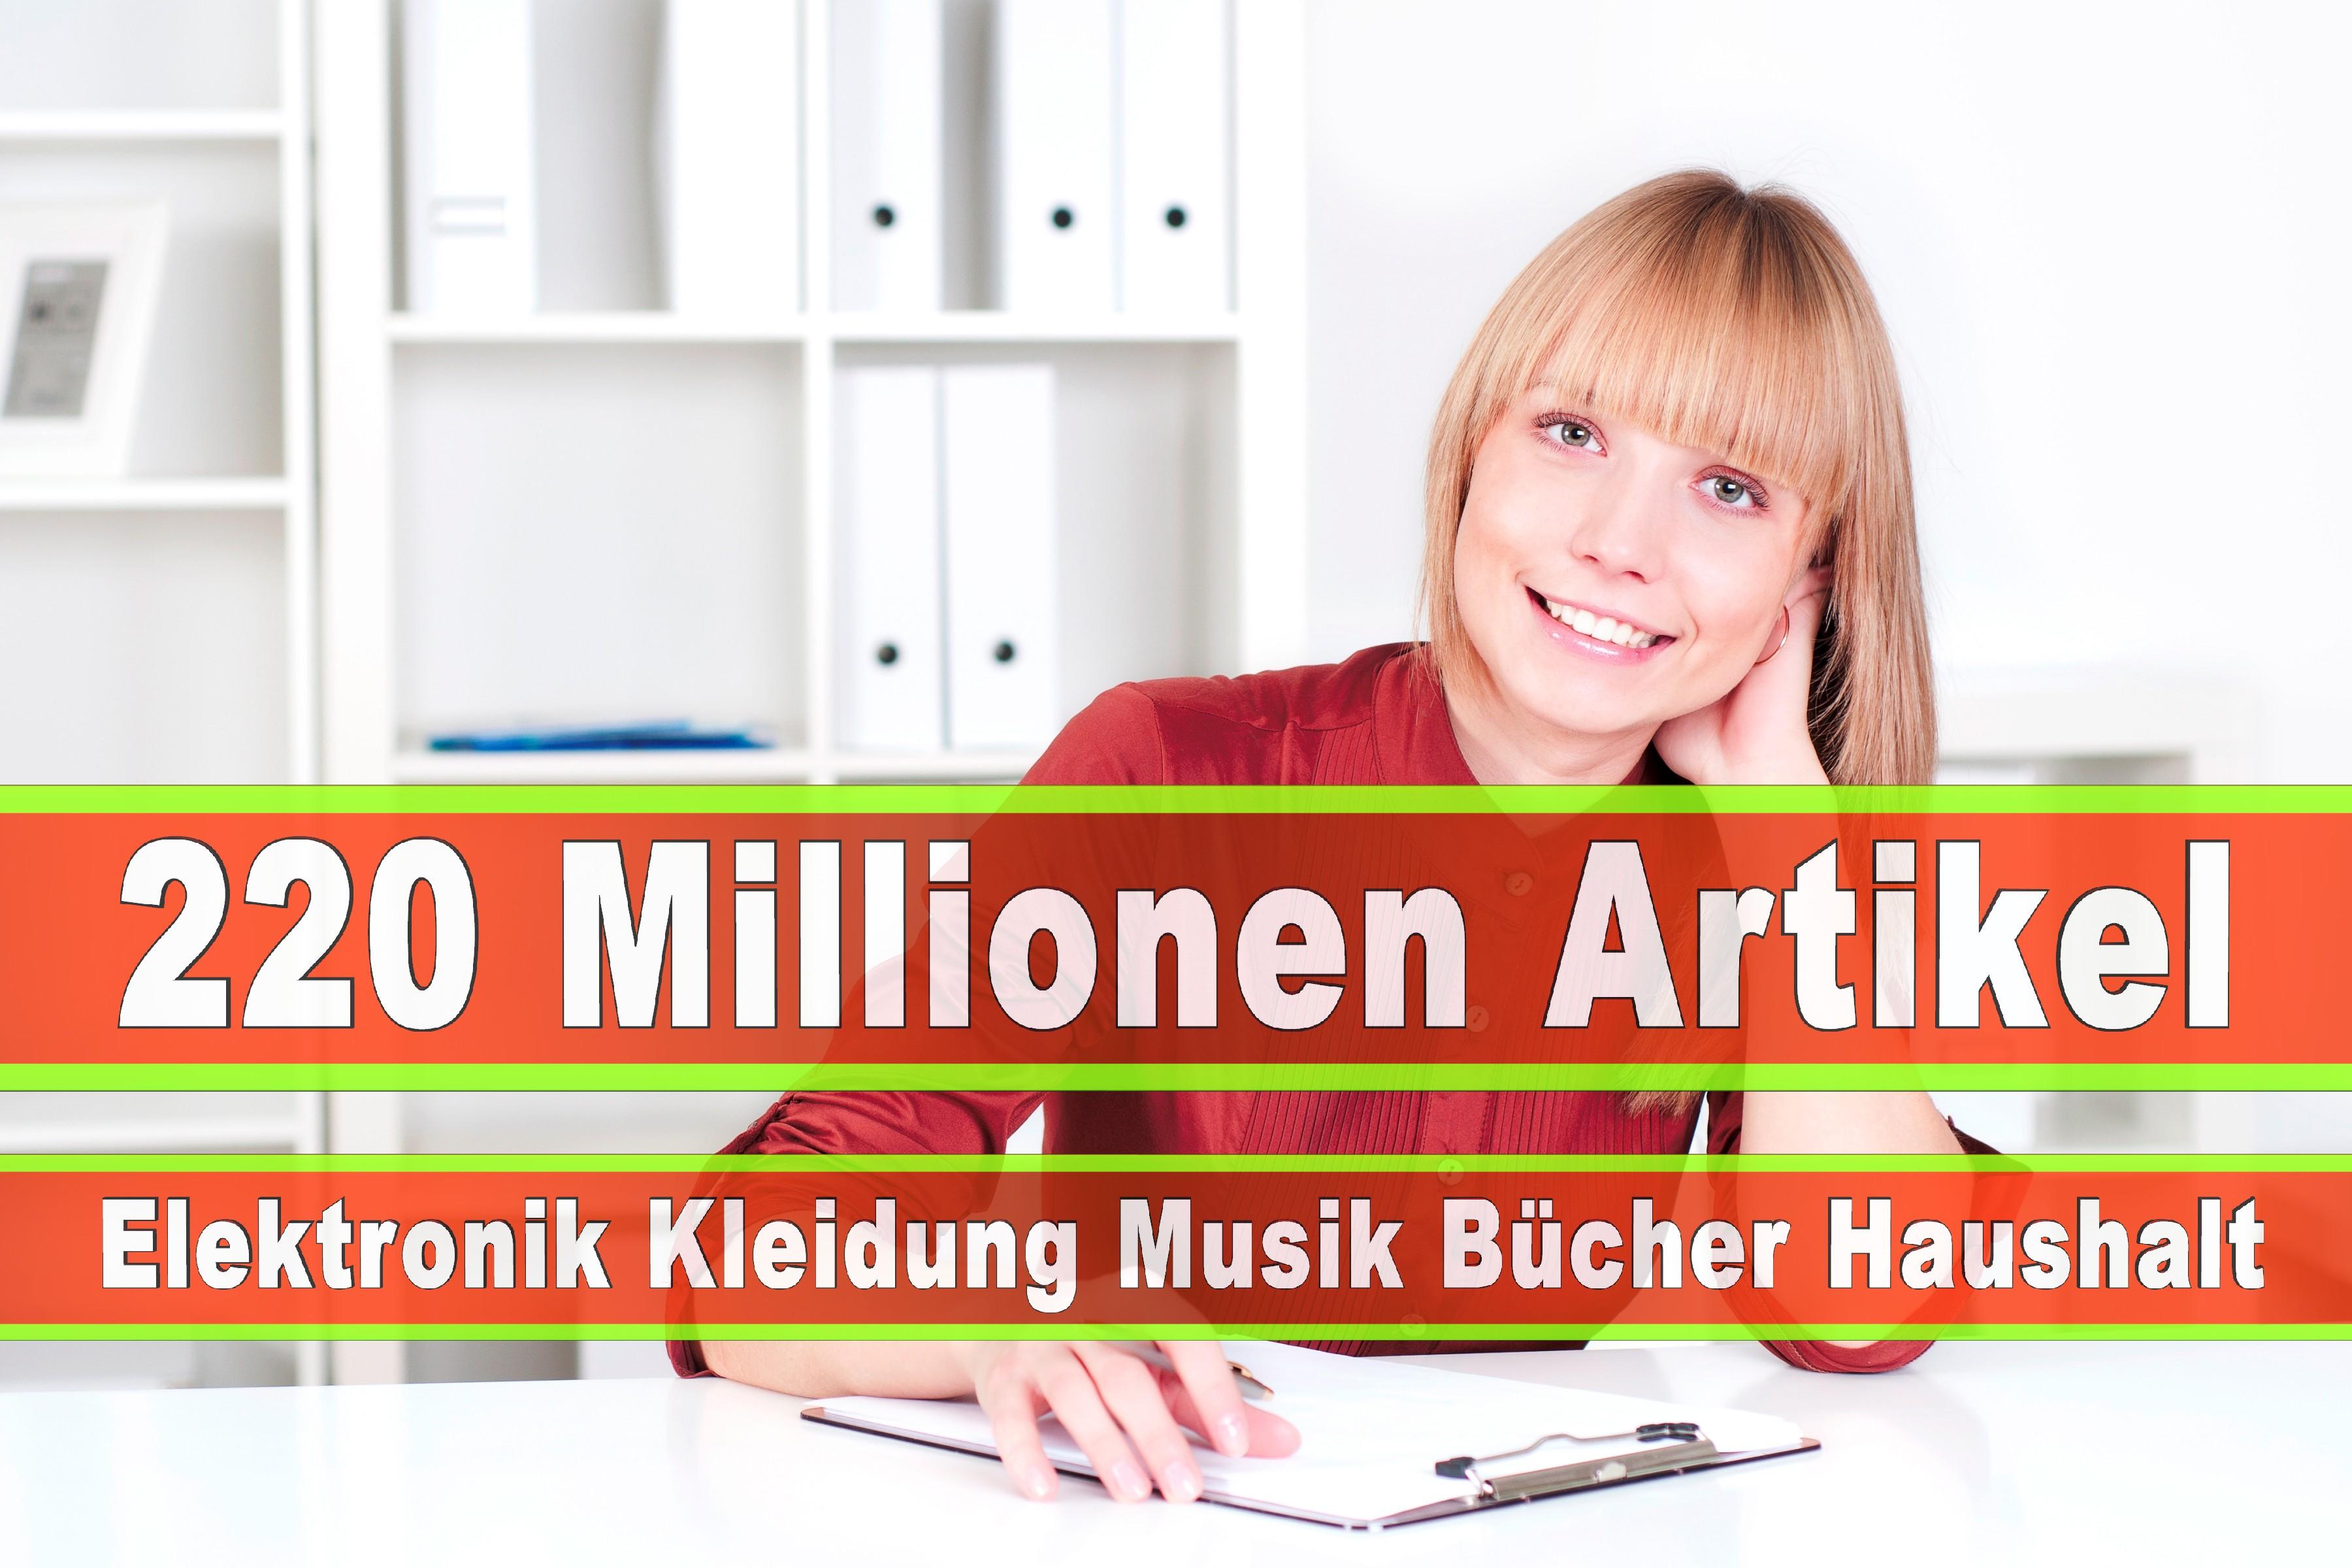 Amazon Elektronik Musik Haushalt Bücher CD DVD Handys Smartphones TV Television Fernseher Kleidung Mode Ebay Versandhaus (113)